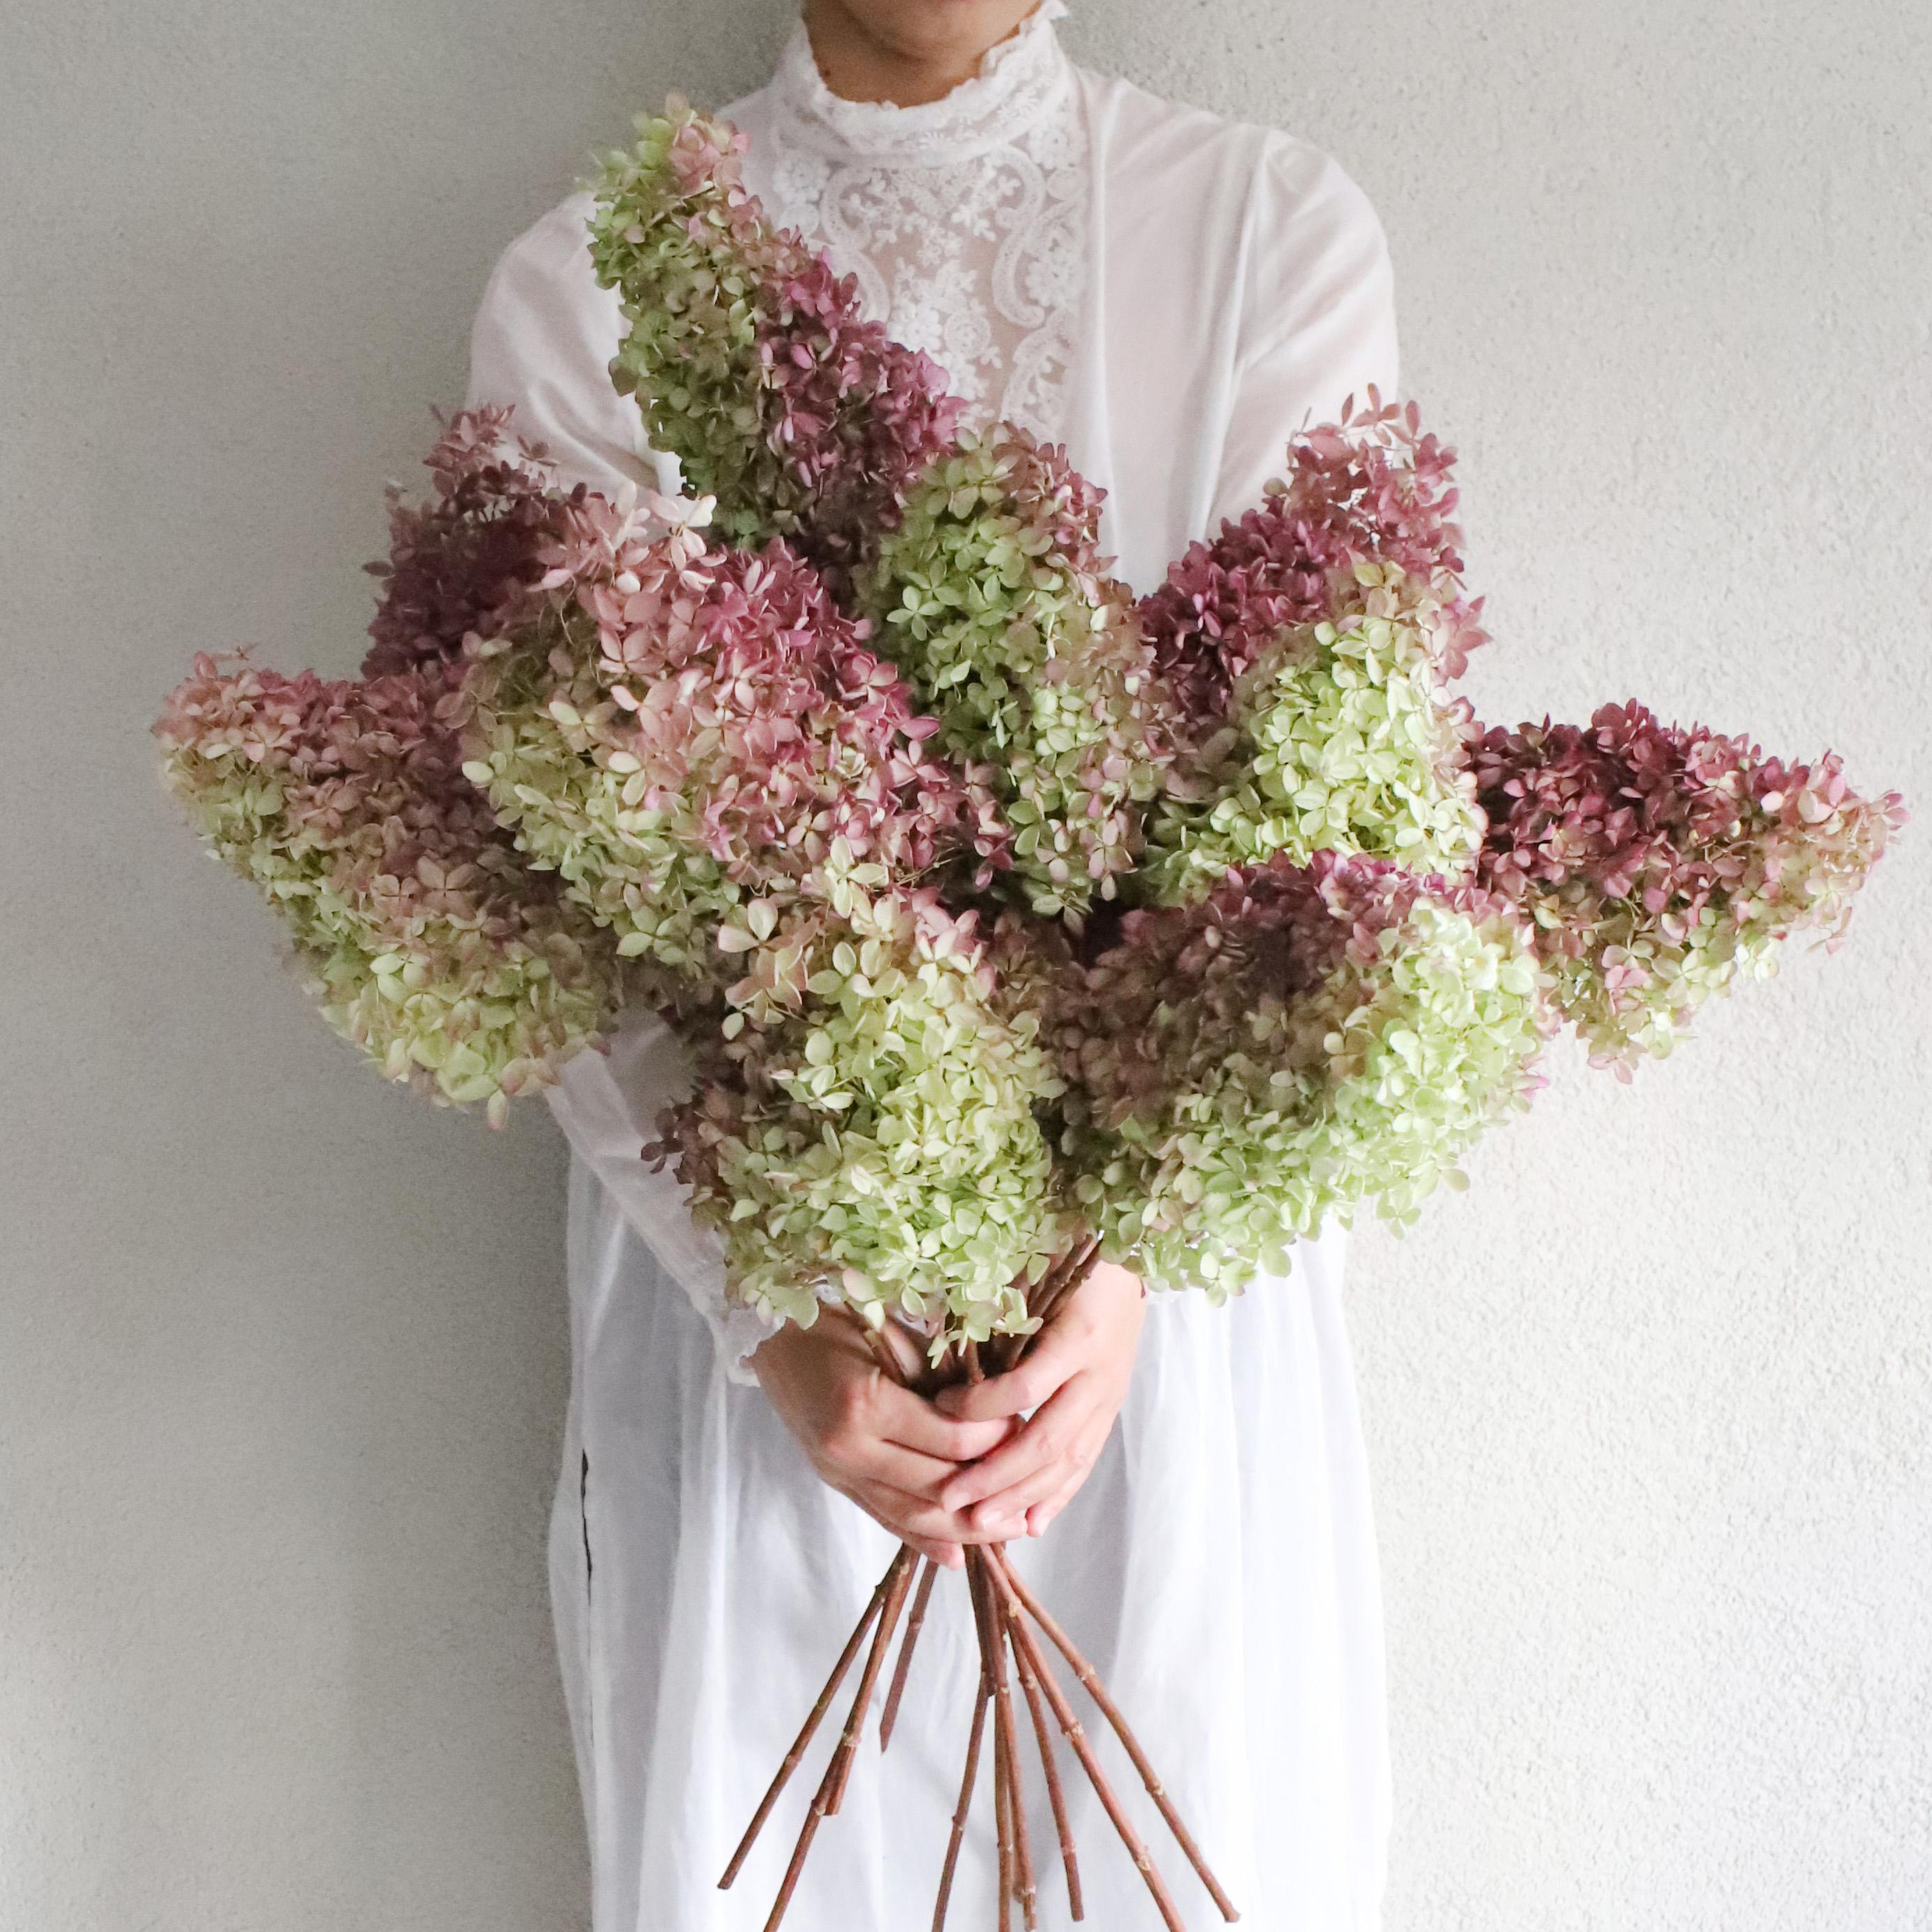 花の水分が少なくなってきた秋頃の紫陽花は、ドライフラワーにもなりやすいのでおすすめ。夏ころとはまた違う、紫陽花の楽しみ方ができそうです。